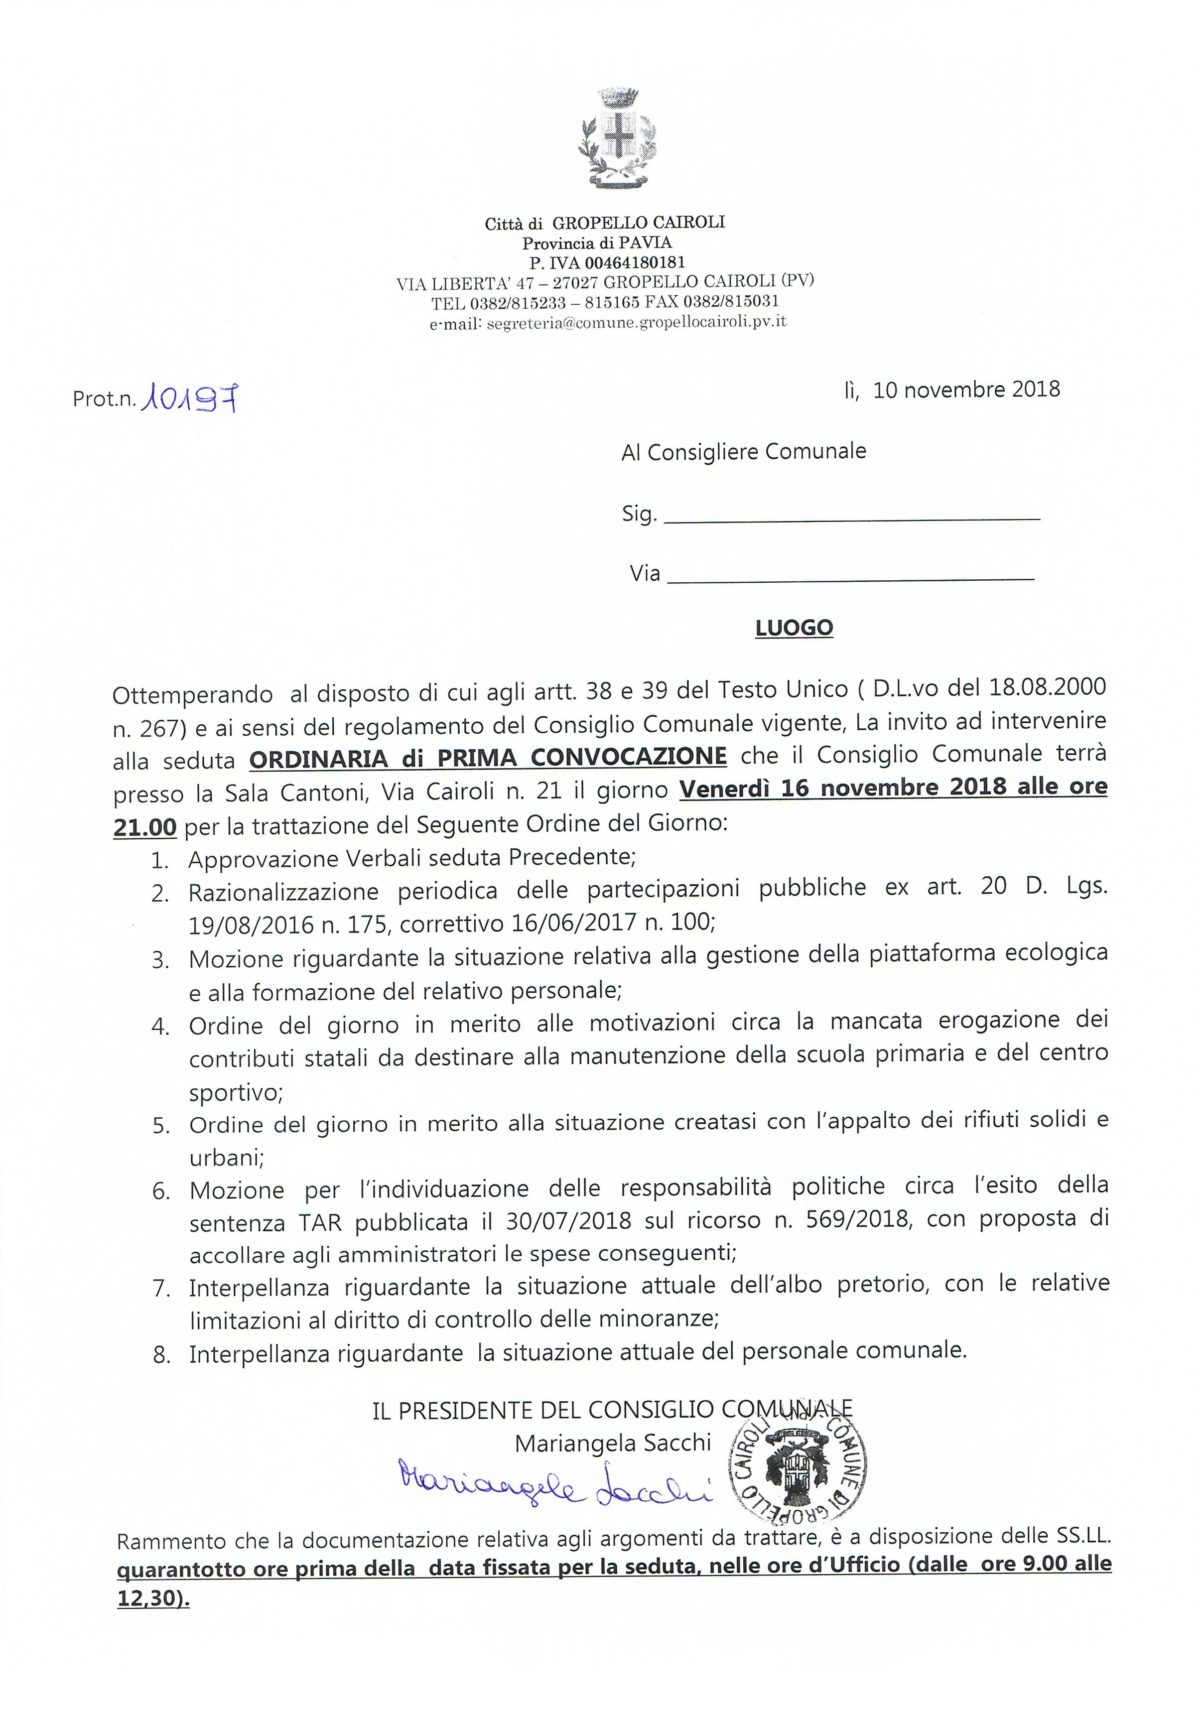 Ordine Del Giorno Consiglio Comunale 16 11 2018